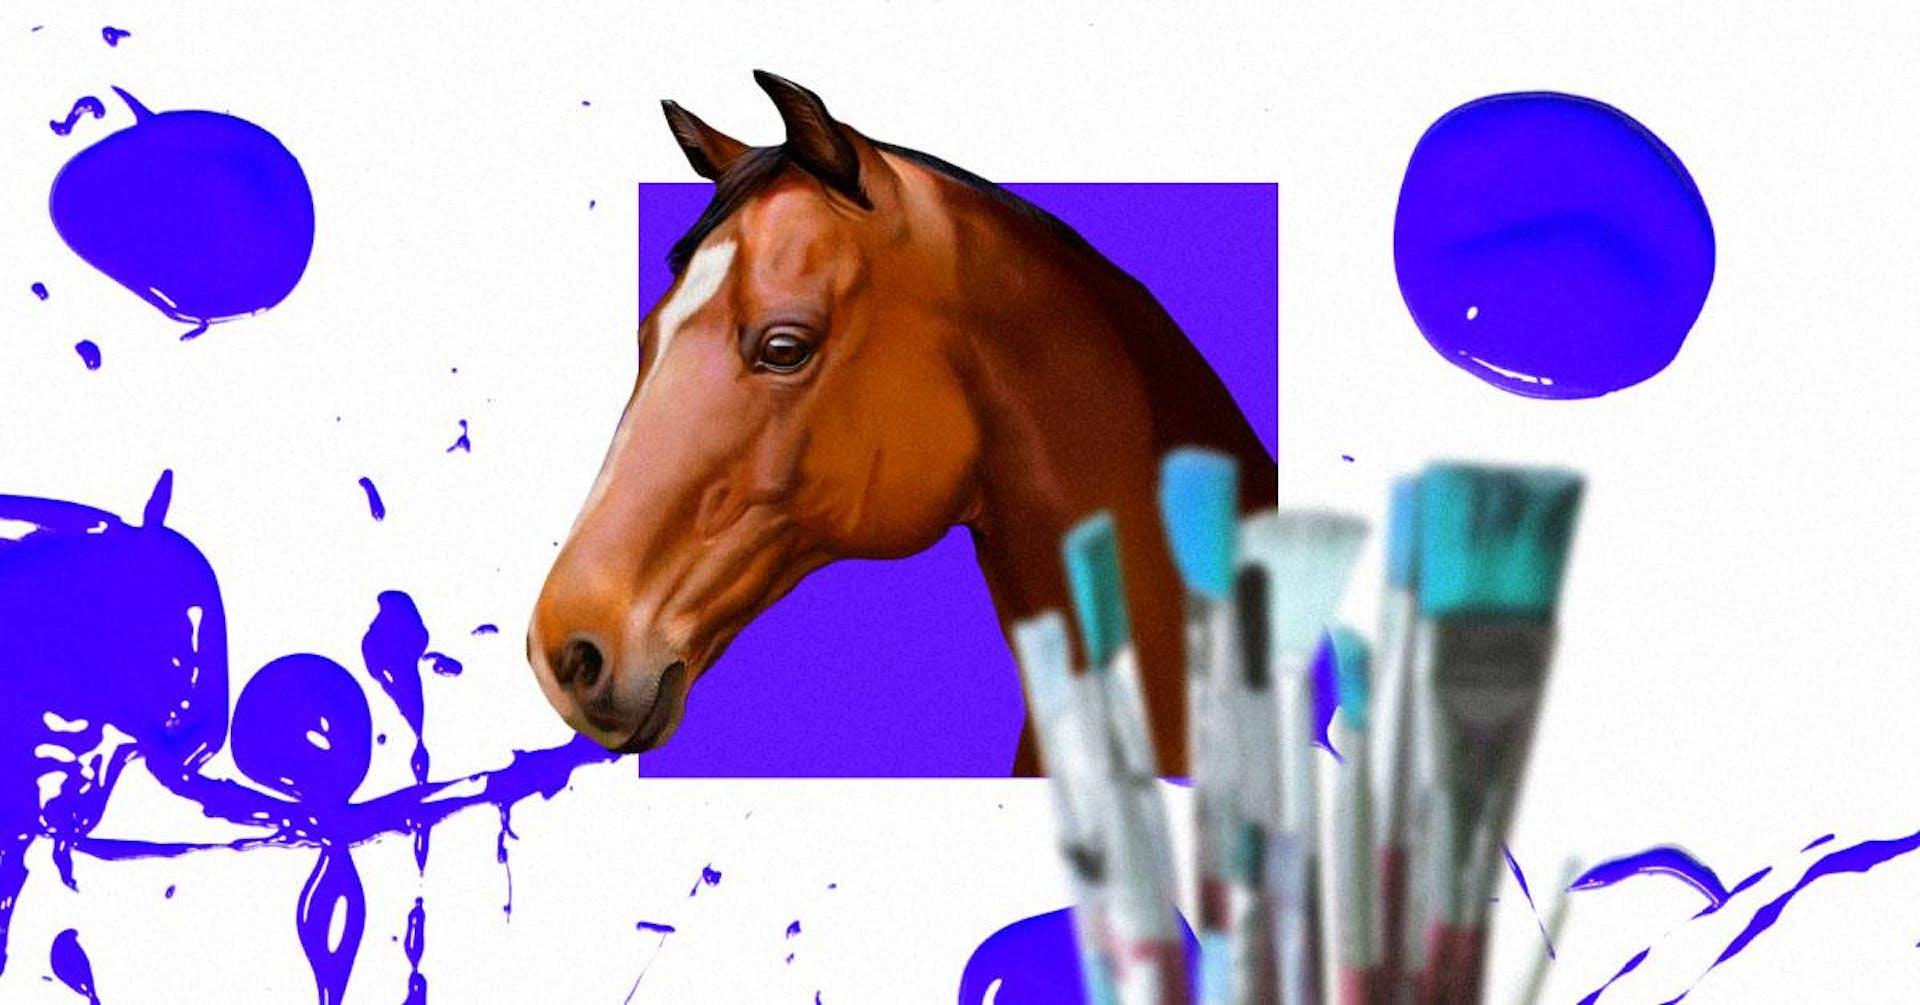 Hiperrealismo: ¿arte más allá de lo real?